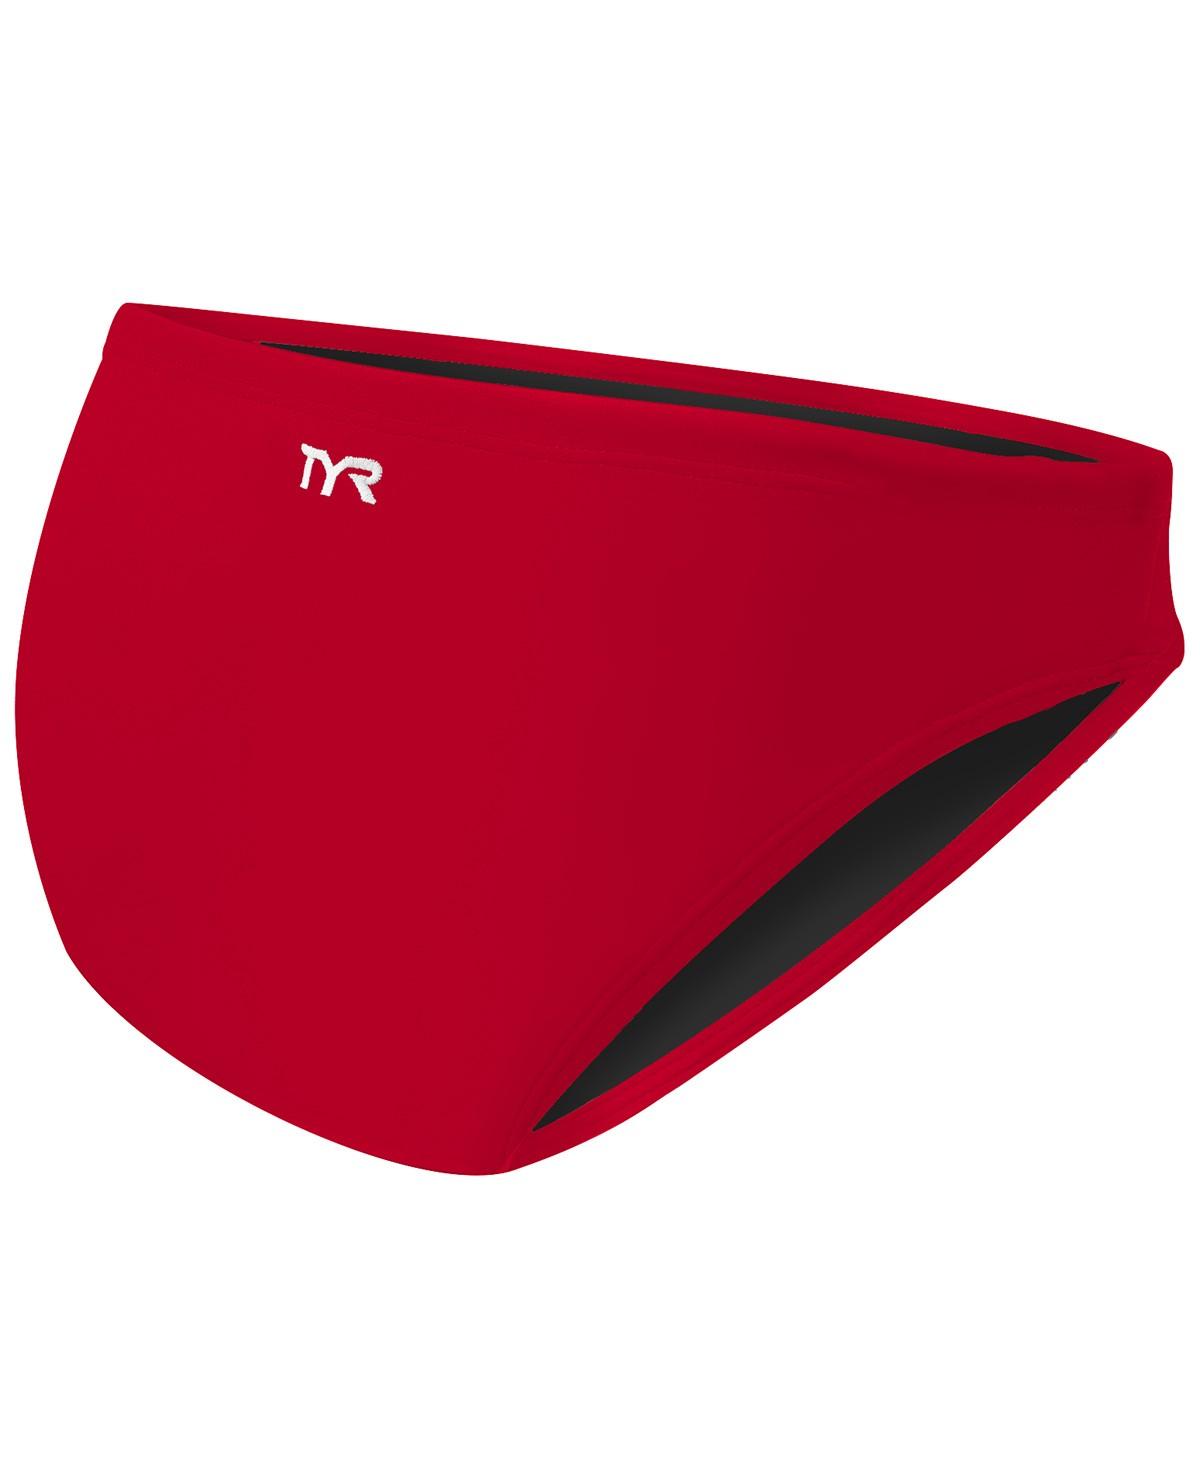 0f1e5c8c42cf8 ... TYR Guard Women's Classic Bikini Bottom